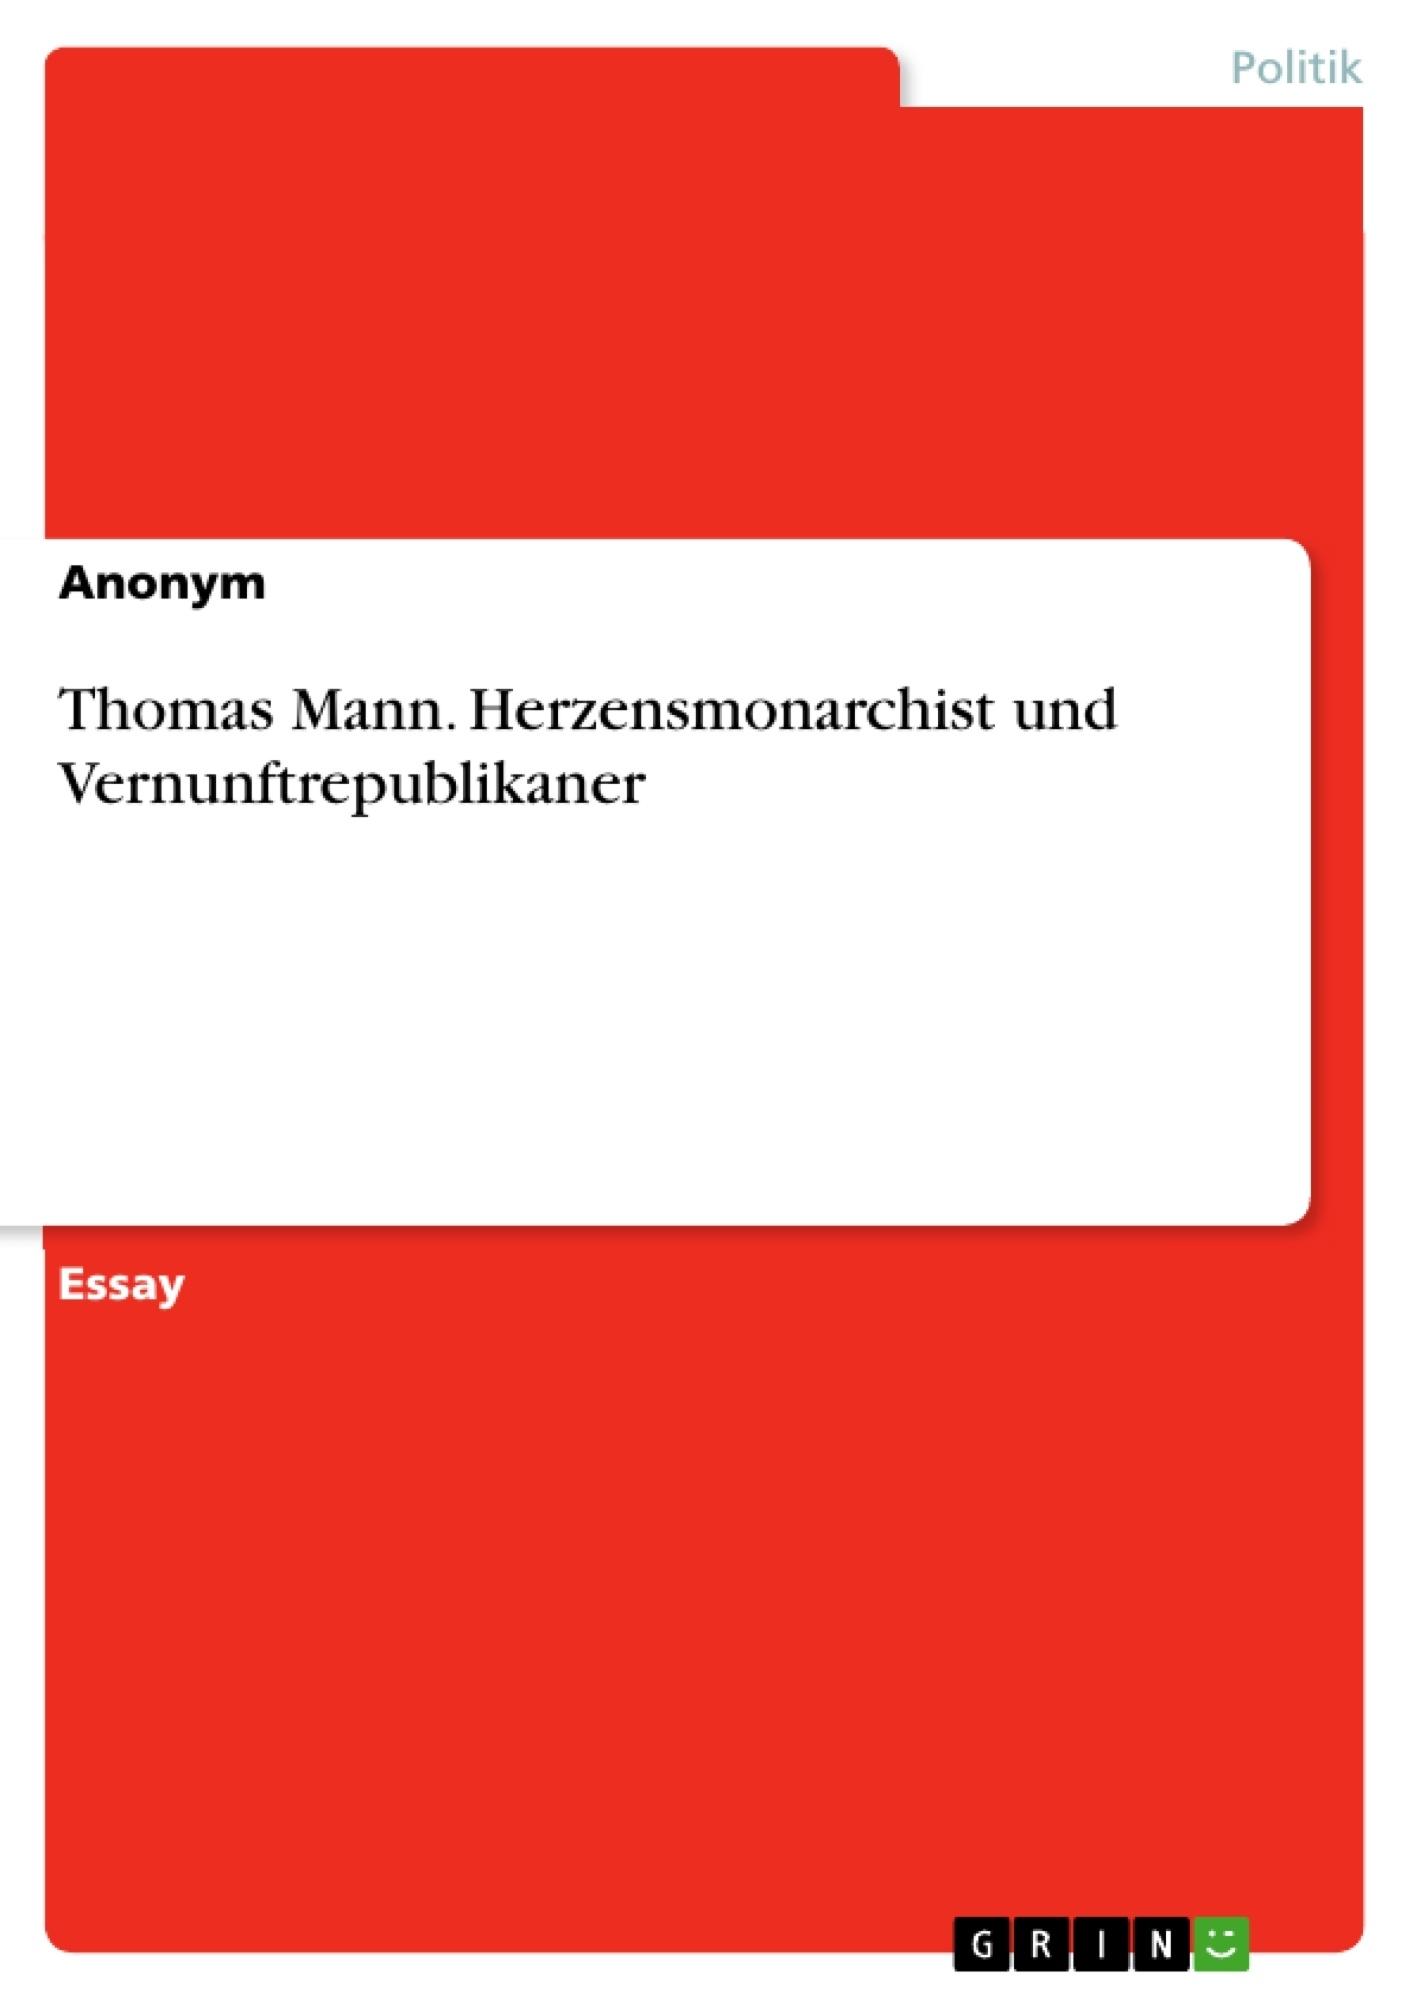 Titel: Thomas Mann. Herzensmonarchist und Vernunftrepublikaner